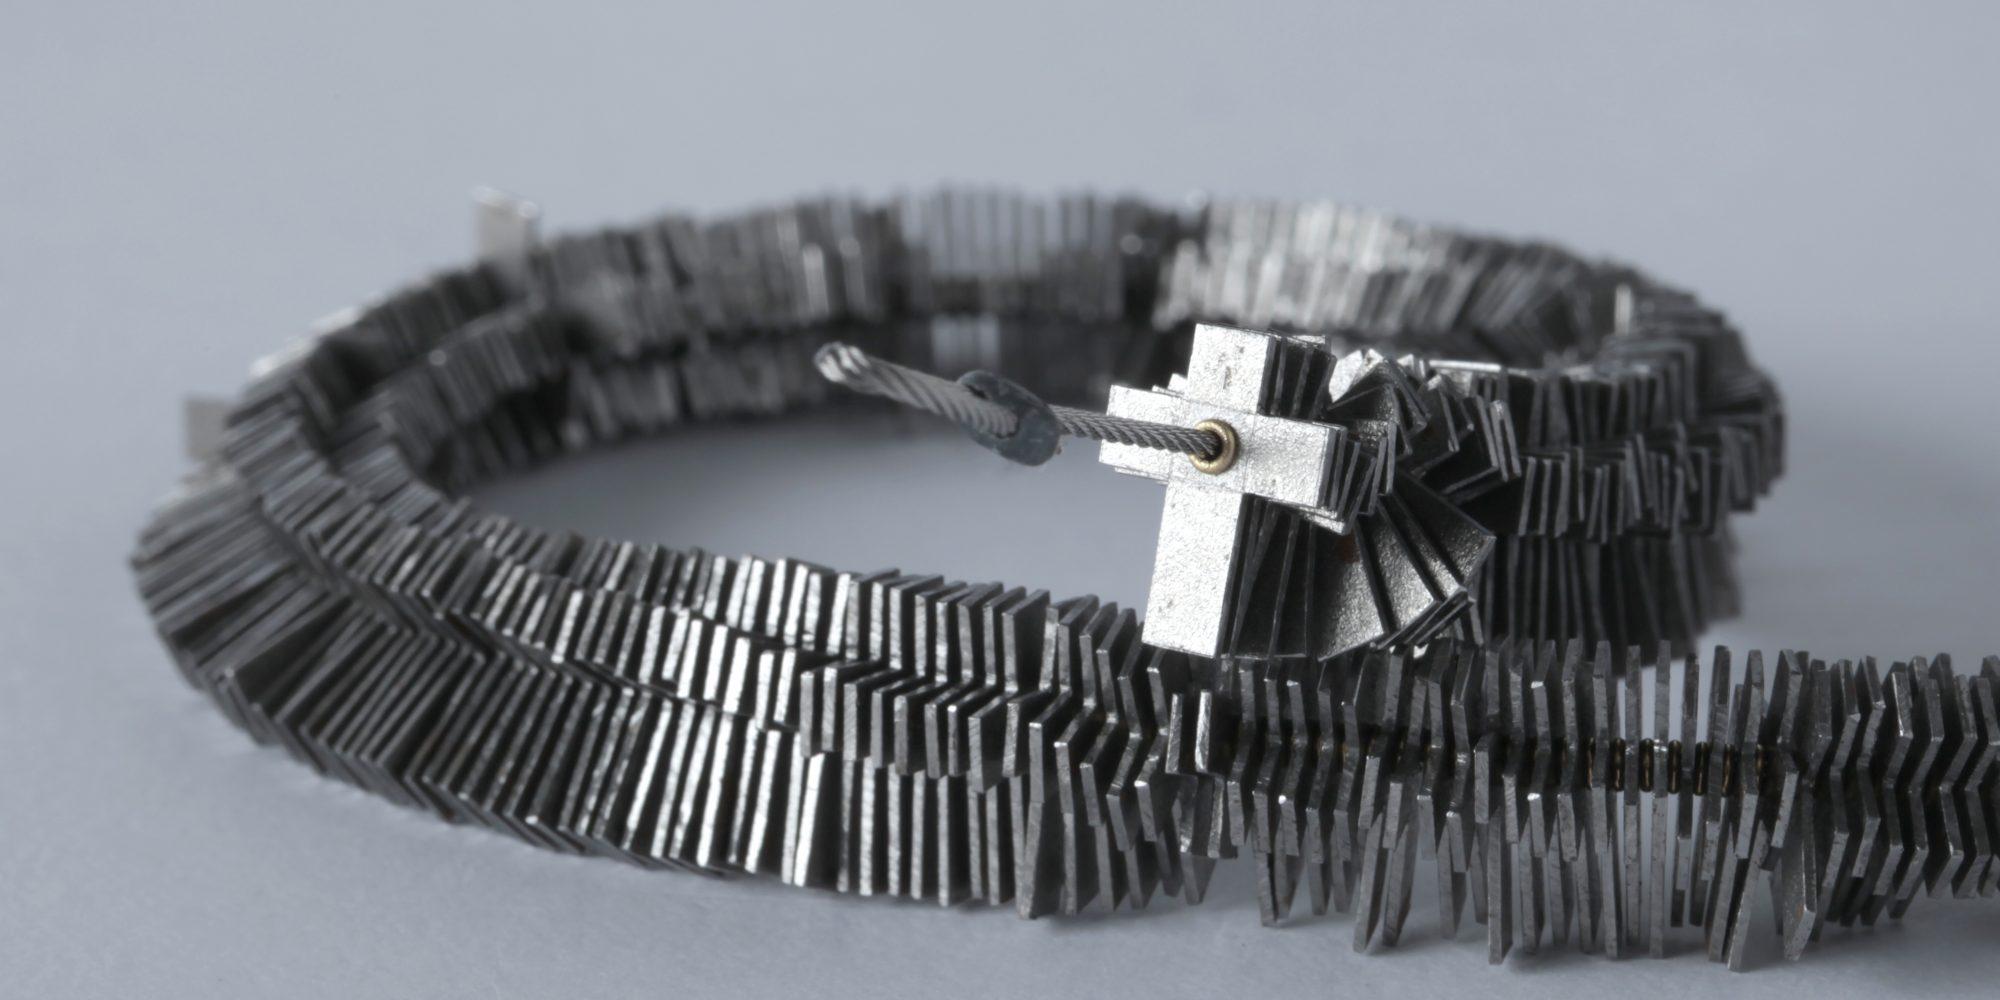 """Otto Künzli, necklace """"Millenium"""", 1999–2000, iron, gold, steel, lead, l. 200 cm, Die Neue Sammlung – Permanent loan from Danner Foundation, Munich, Photo: Die Neue Sammlung (Alexander Laurenzo)"""